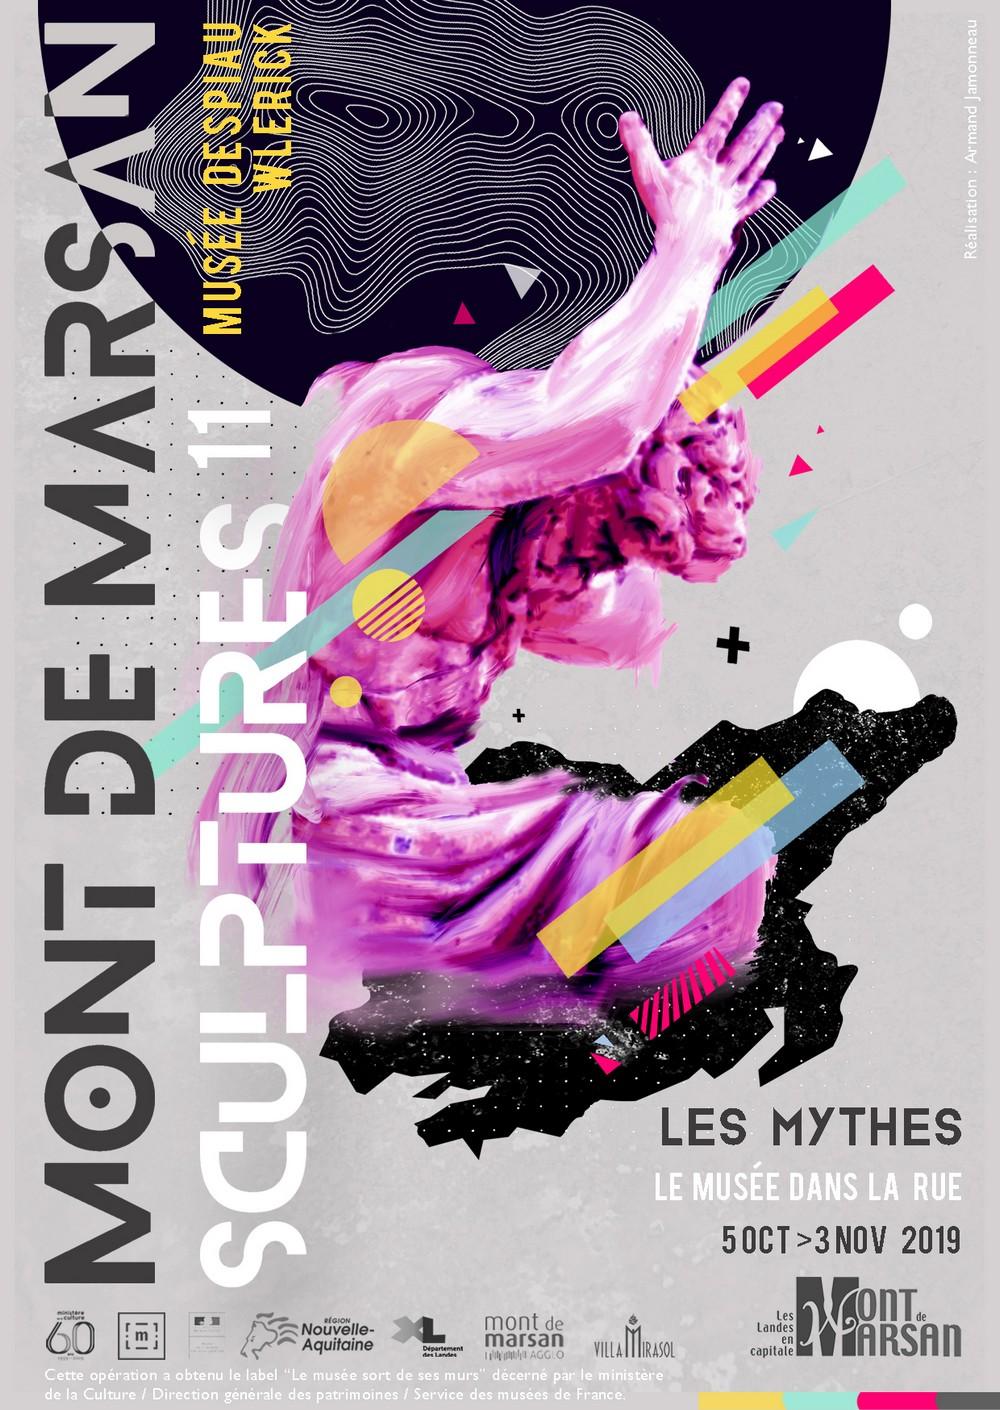 image : Visuel de Mont de Marsan Sculptures 11 - Les Mythes - 5 oct 3 vov 2019 - Mont de Marsan